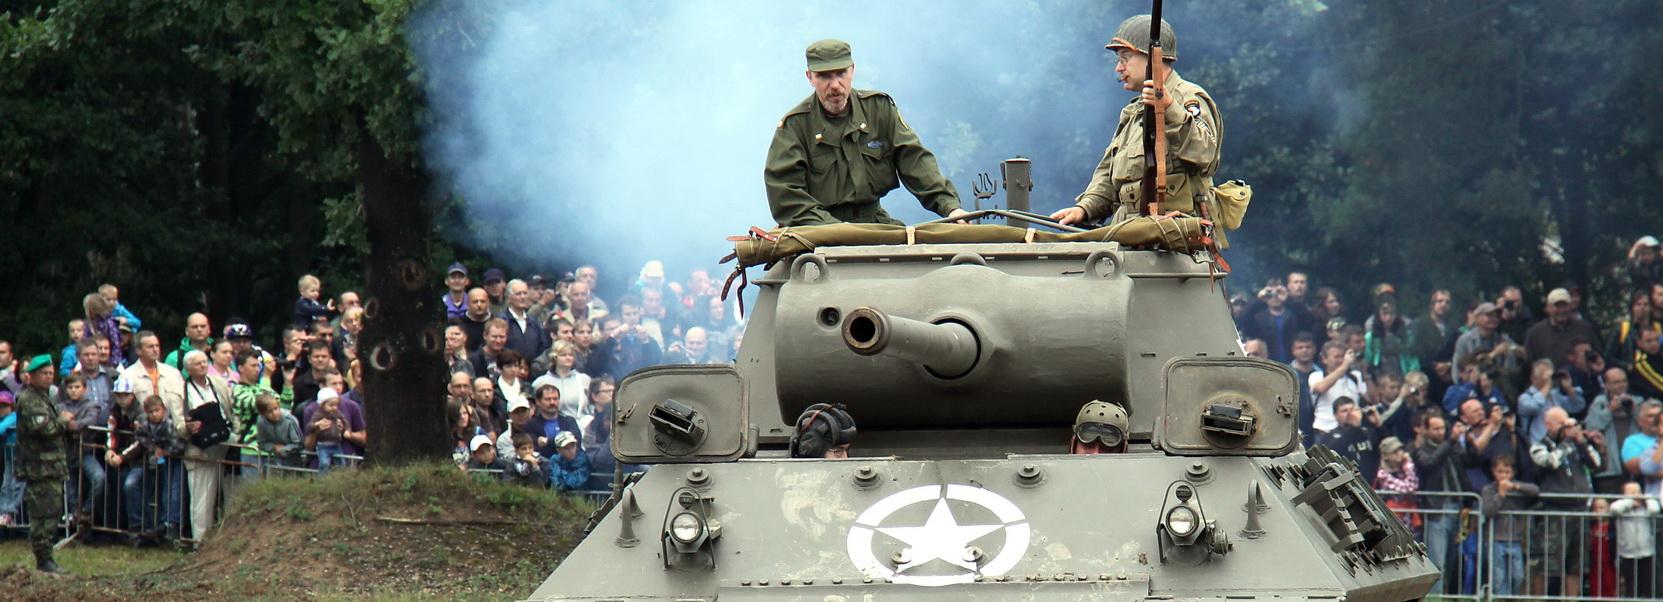 Spojenci ze Západu zamířili do Lešan: fotogalerie americké a britské vojenské techniky